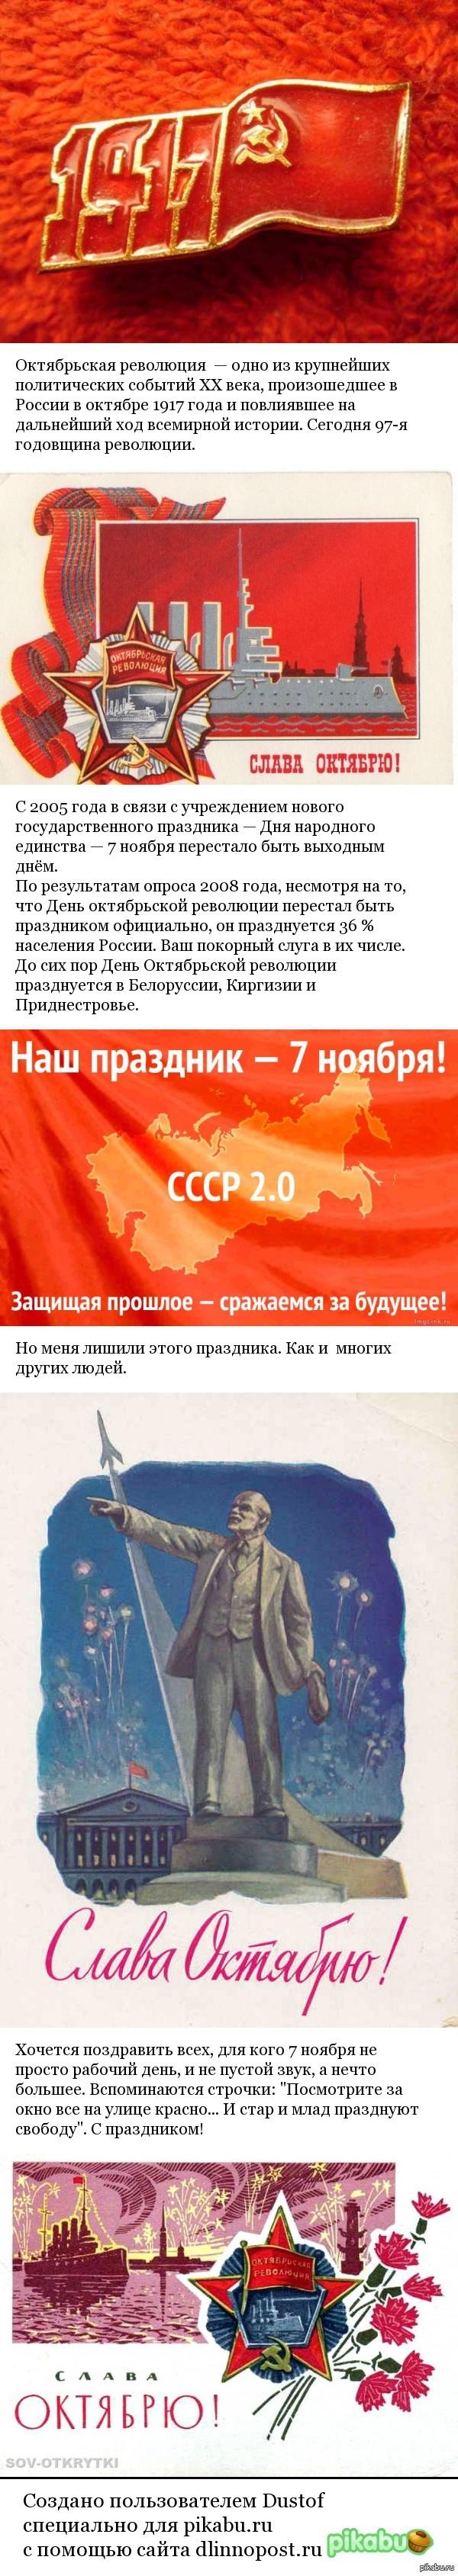 С Праздником Октября! Сегодня 97-я годовщина Великой Октябрьской  Социалистической Революции.